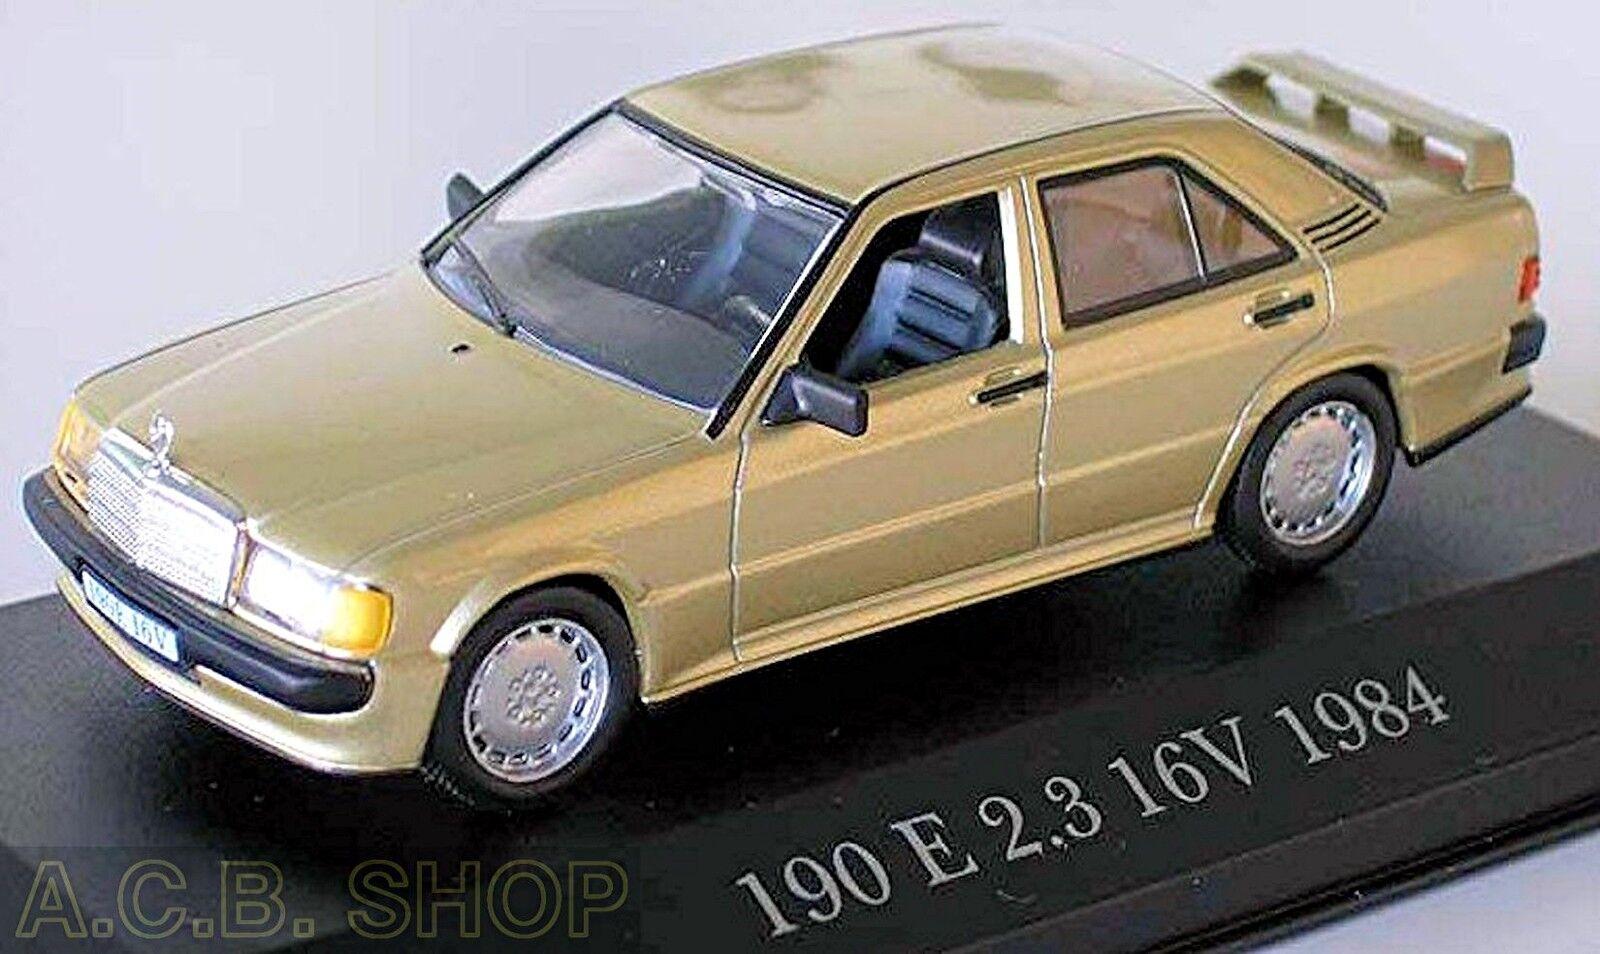 Mercedes Benz 190 E 2,3 16 V-w201 - 1982-88 Champagne Metallic 1 43 Ixo